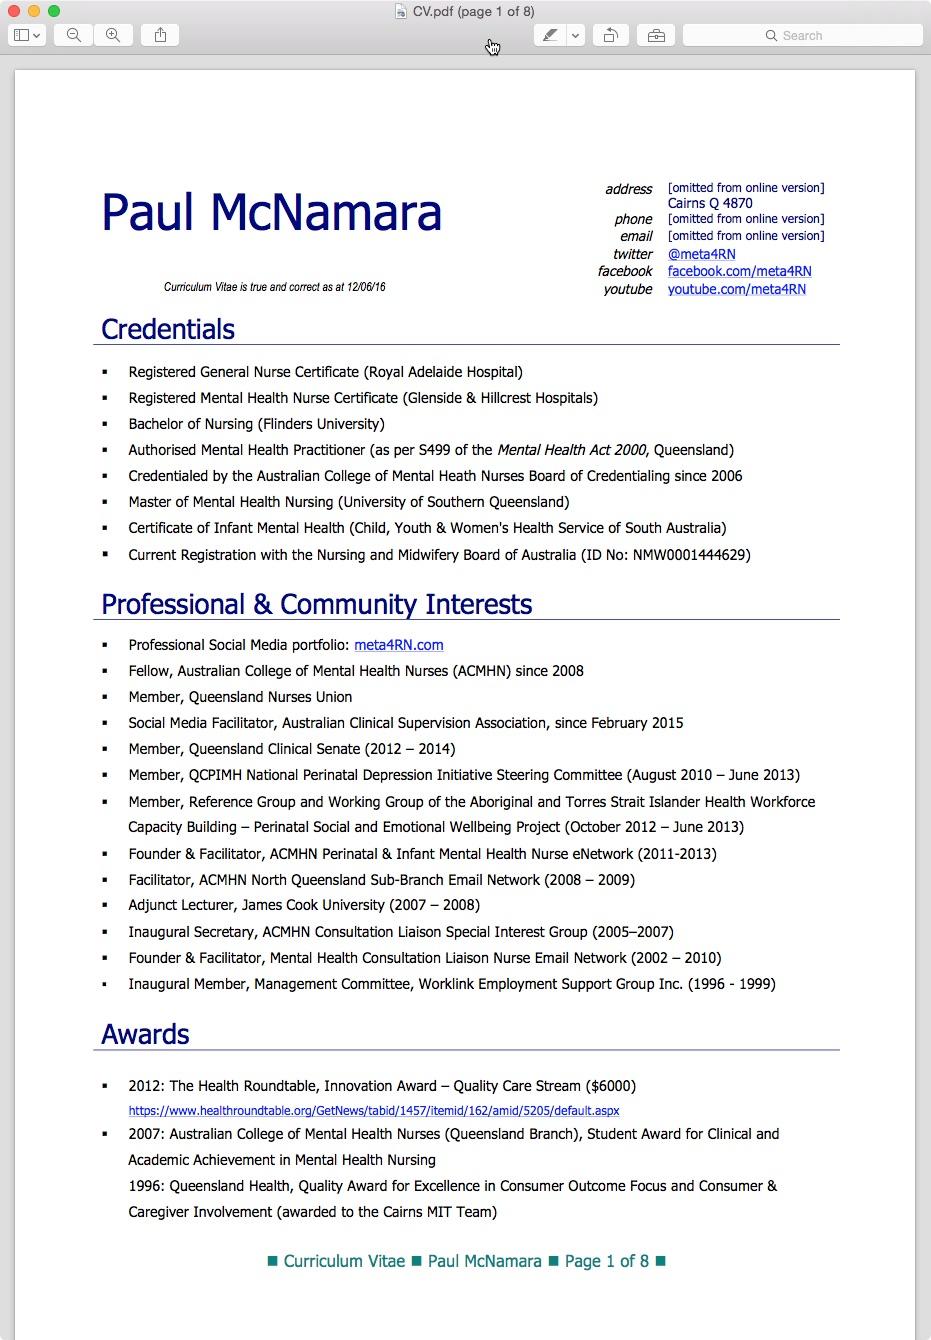 Curriculum Vitae Resume Australia